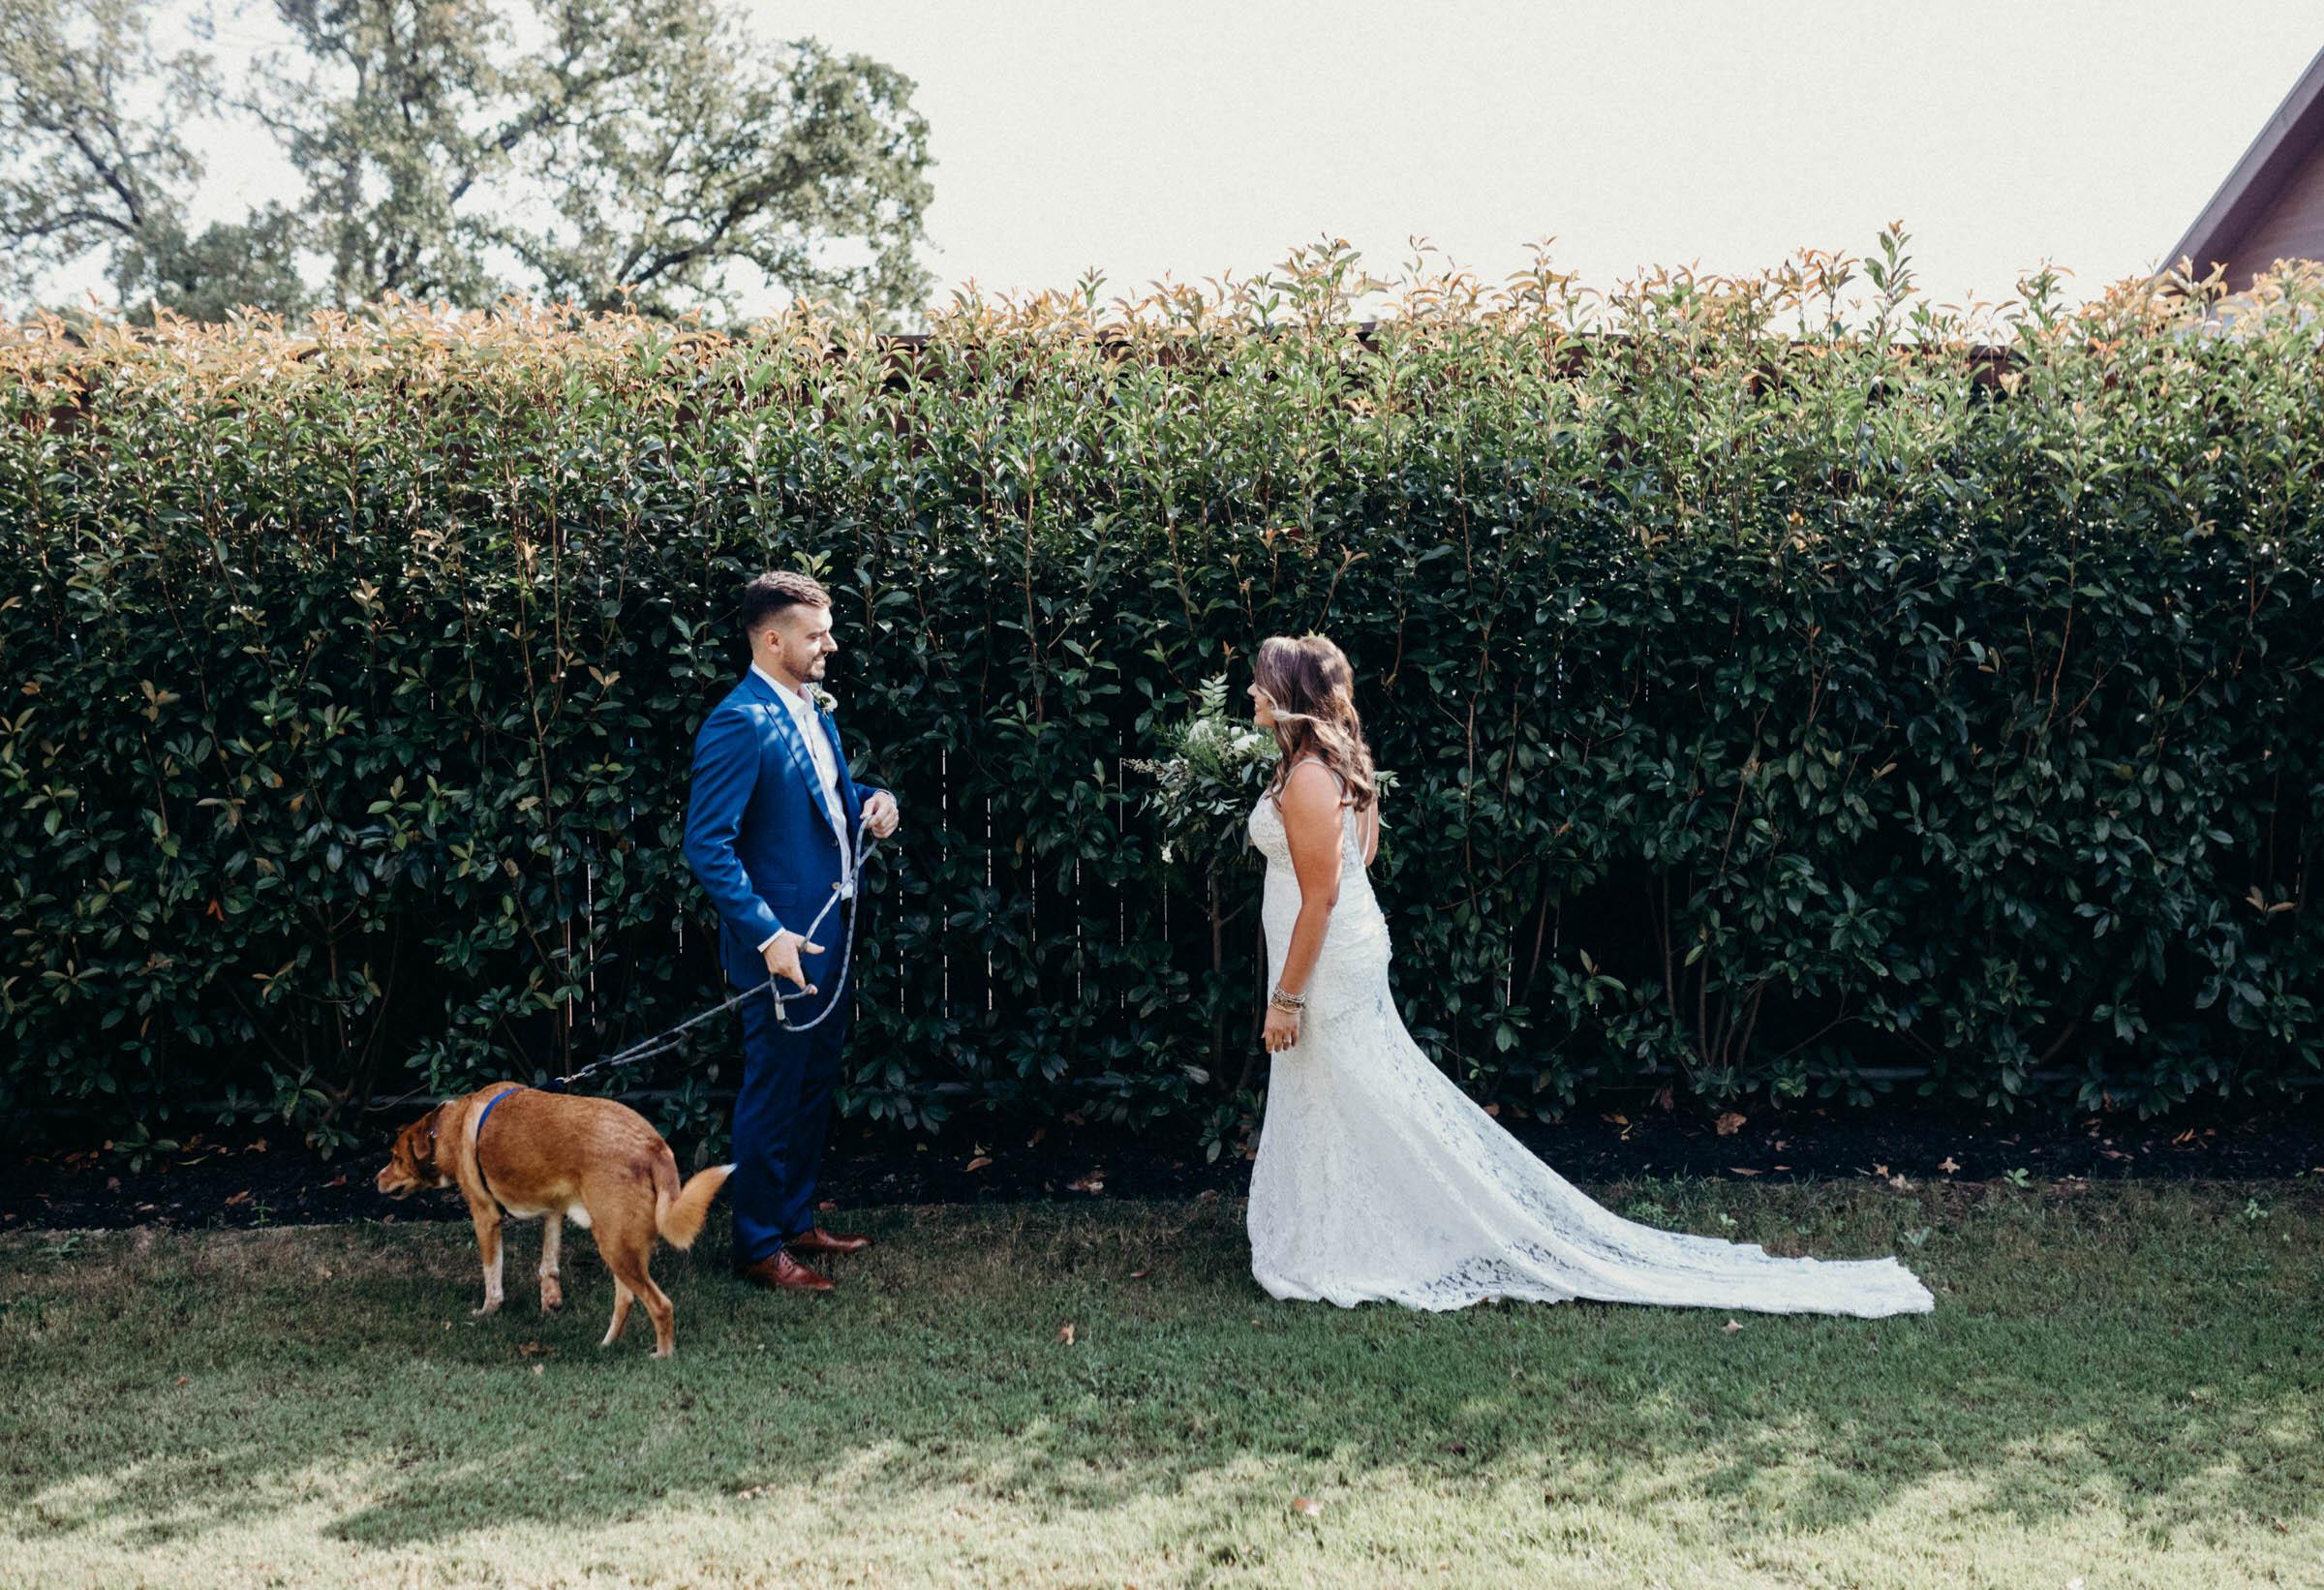 dietzen_aubrey-texas-the-springs-wedding_006-1.jpg